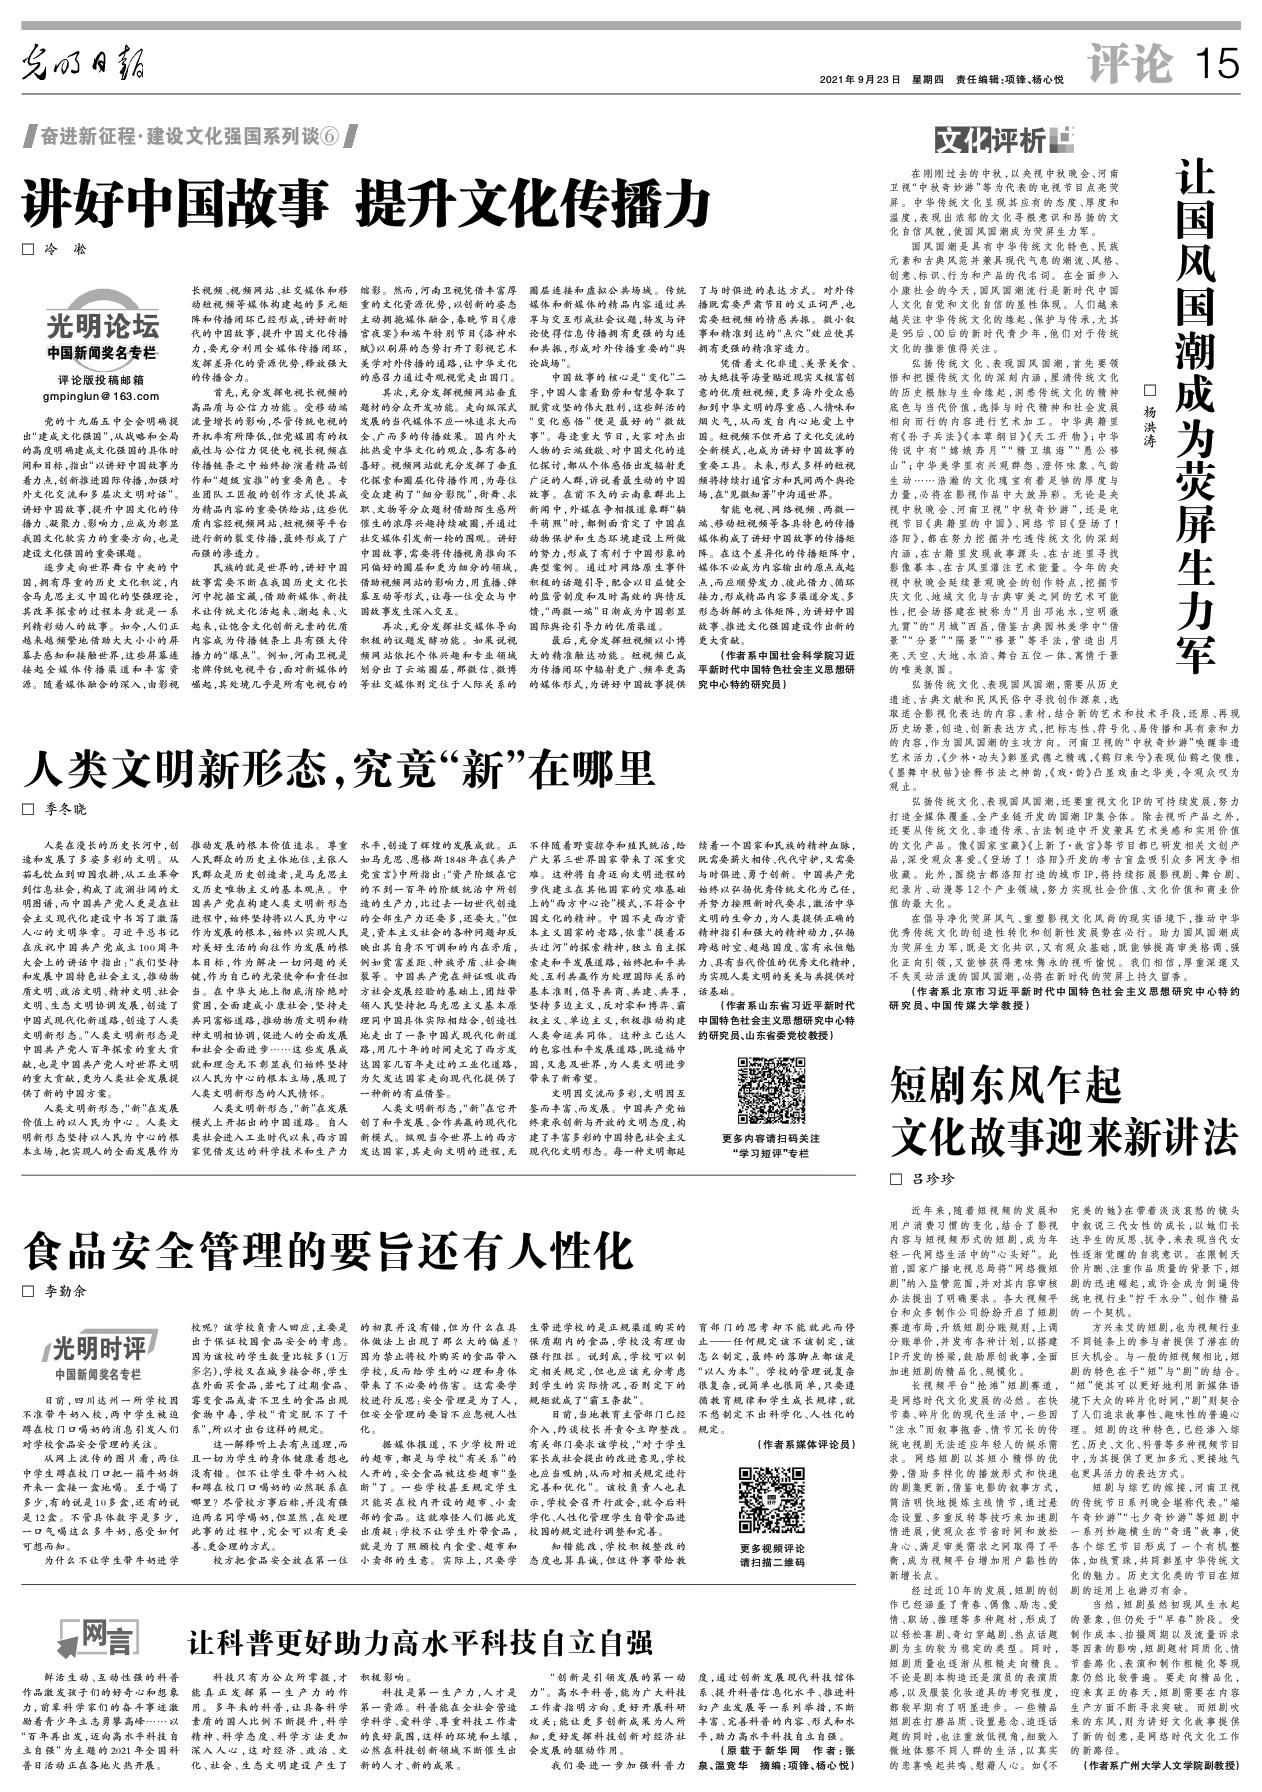 中秋奇妙游再出圈——河南广电中国节日系列节目引理论界关注